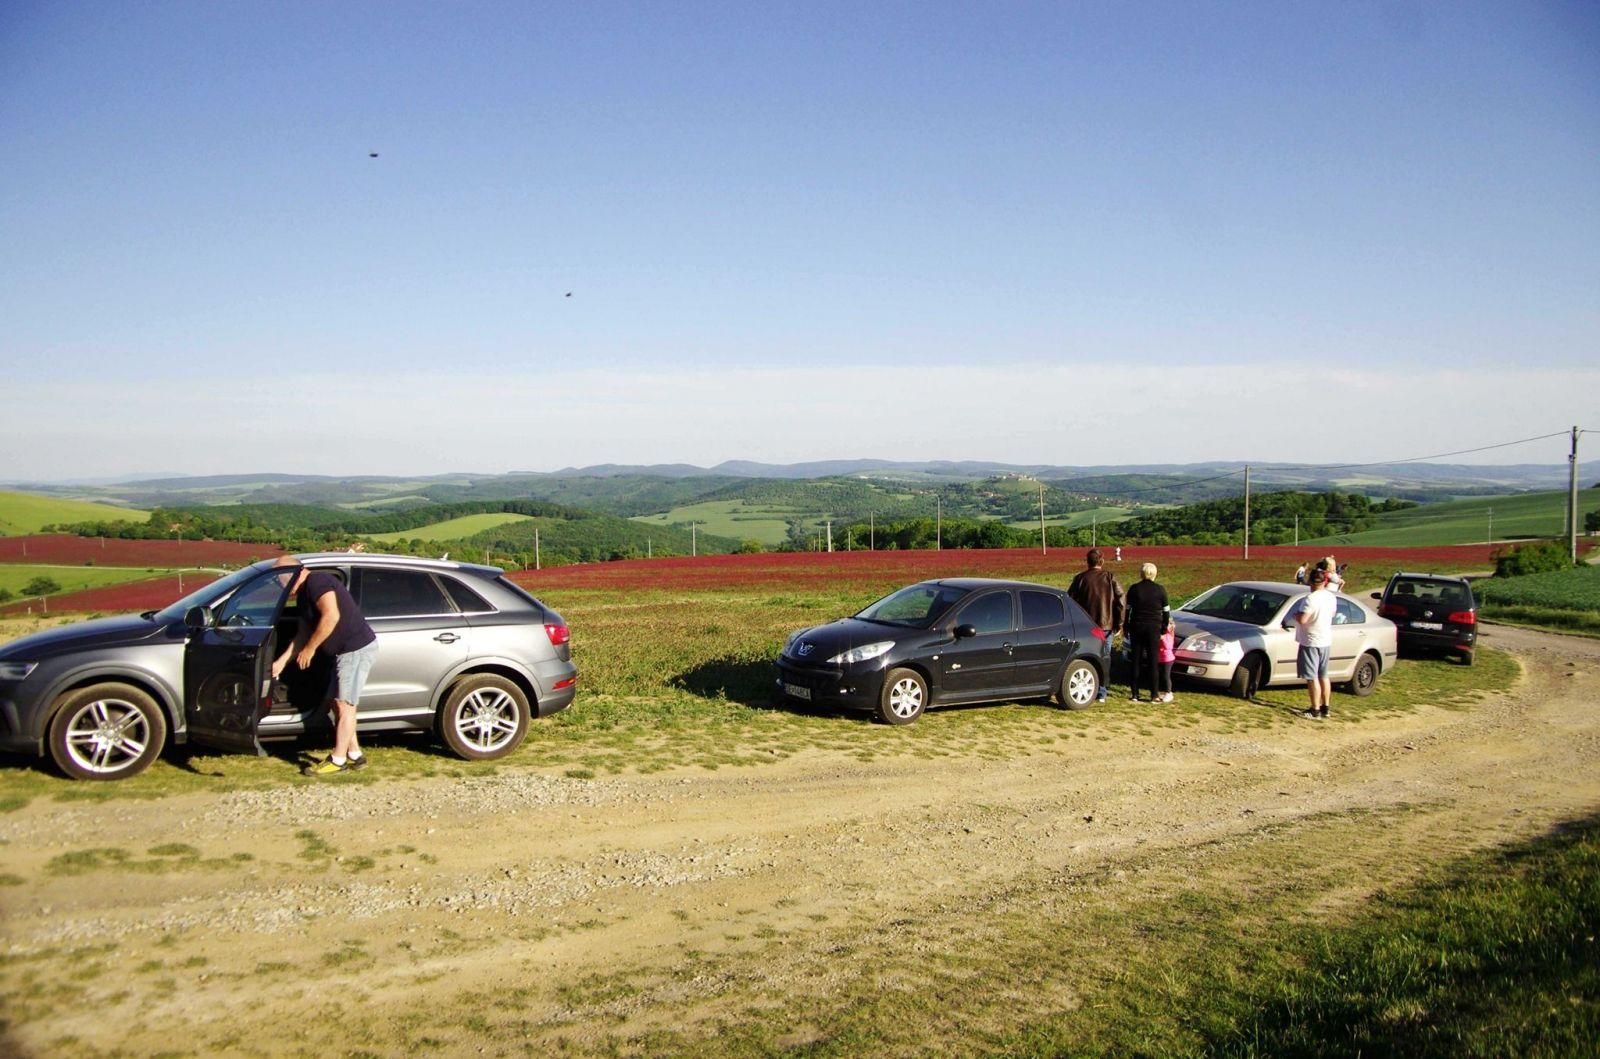 Slováci objavili ďatelinové pole na Záhorí. Majiteľovi ho začali ničiť kvôli fotkám na Instagram